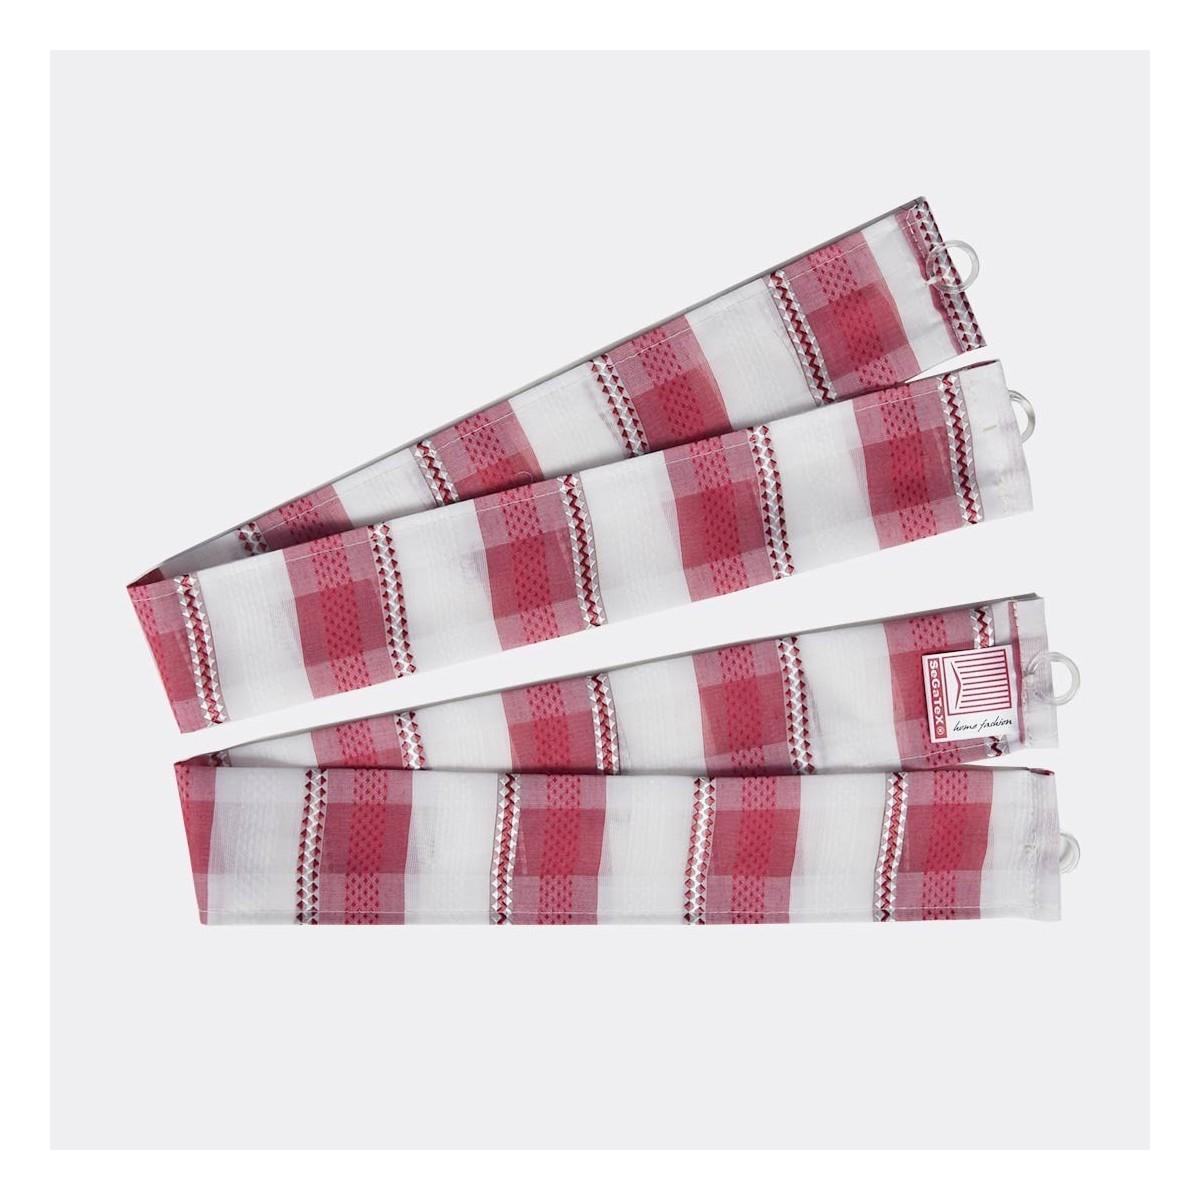 """Raffhalter """"Melli in Rot"""" 5081821 2er-Set passend zur Dekoschalgarnitur """"Melli in Rot"""""""